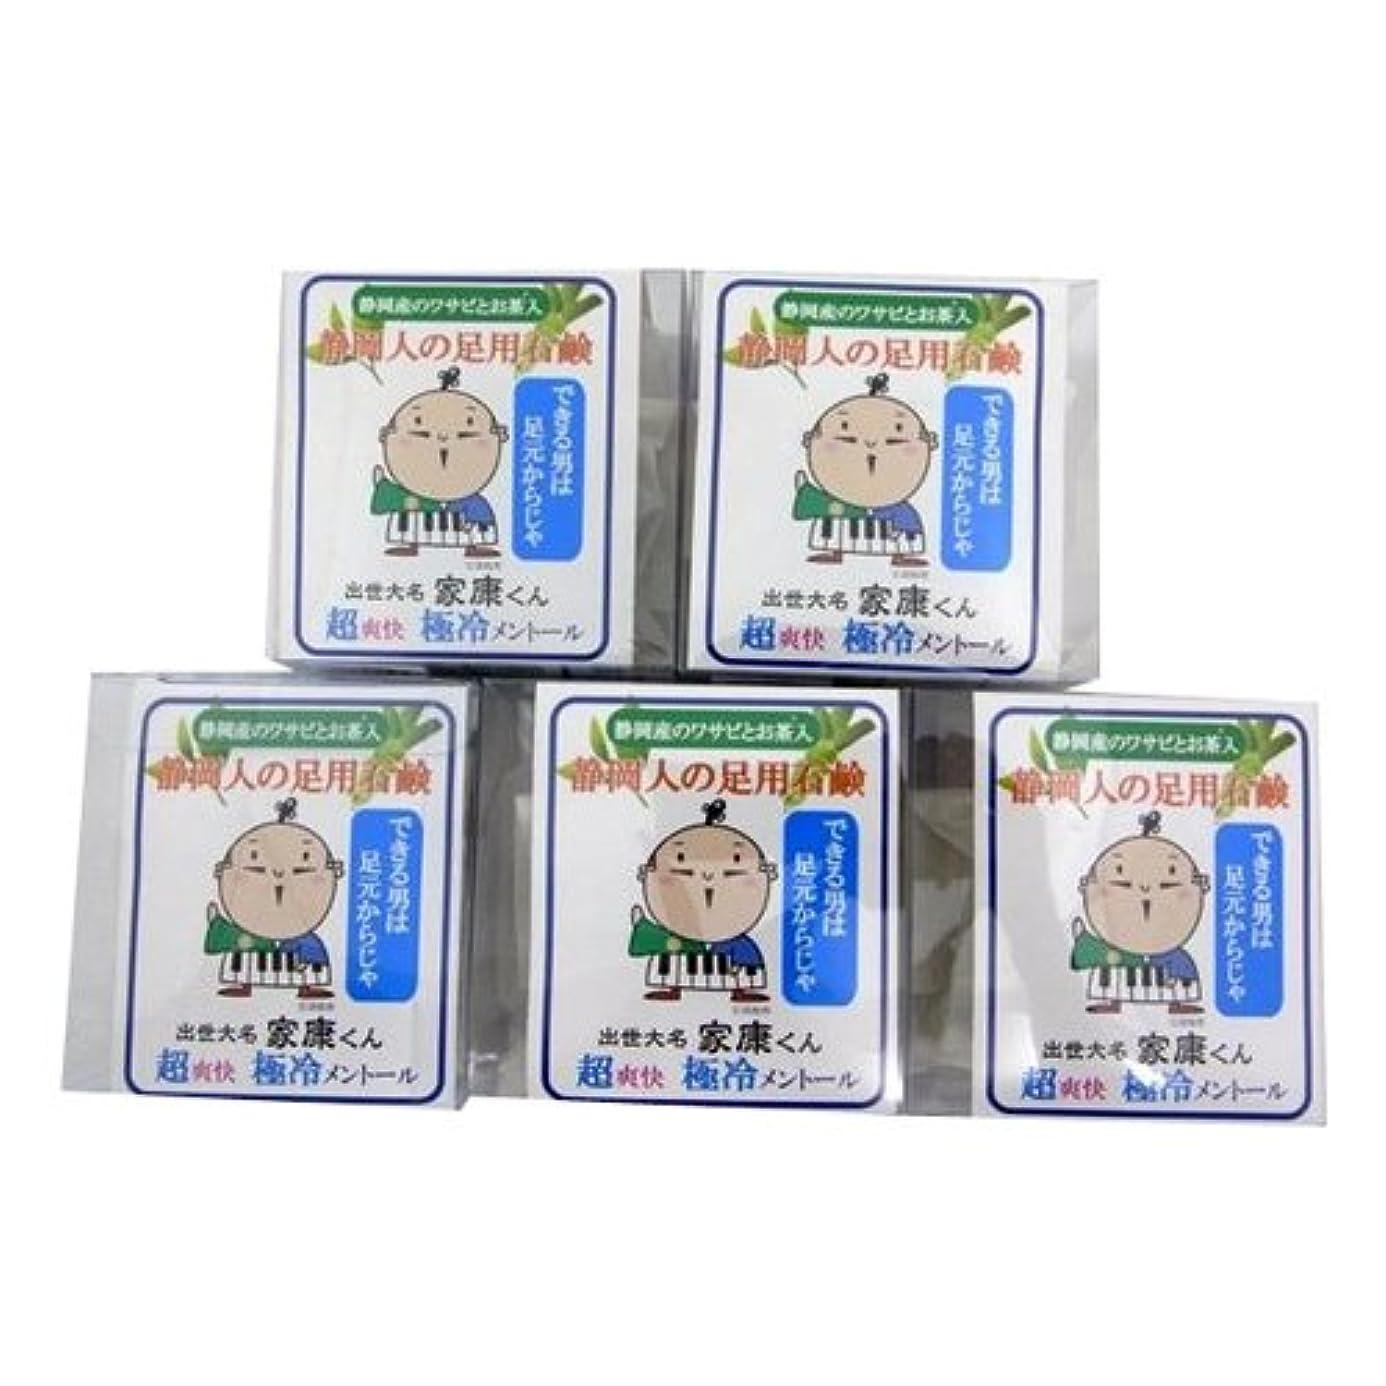 接地航空便ジョイントエコライフラボ 静岡人の足用石鹸60g (ネット付) 5個セット